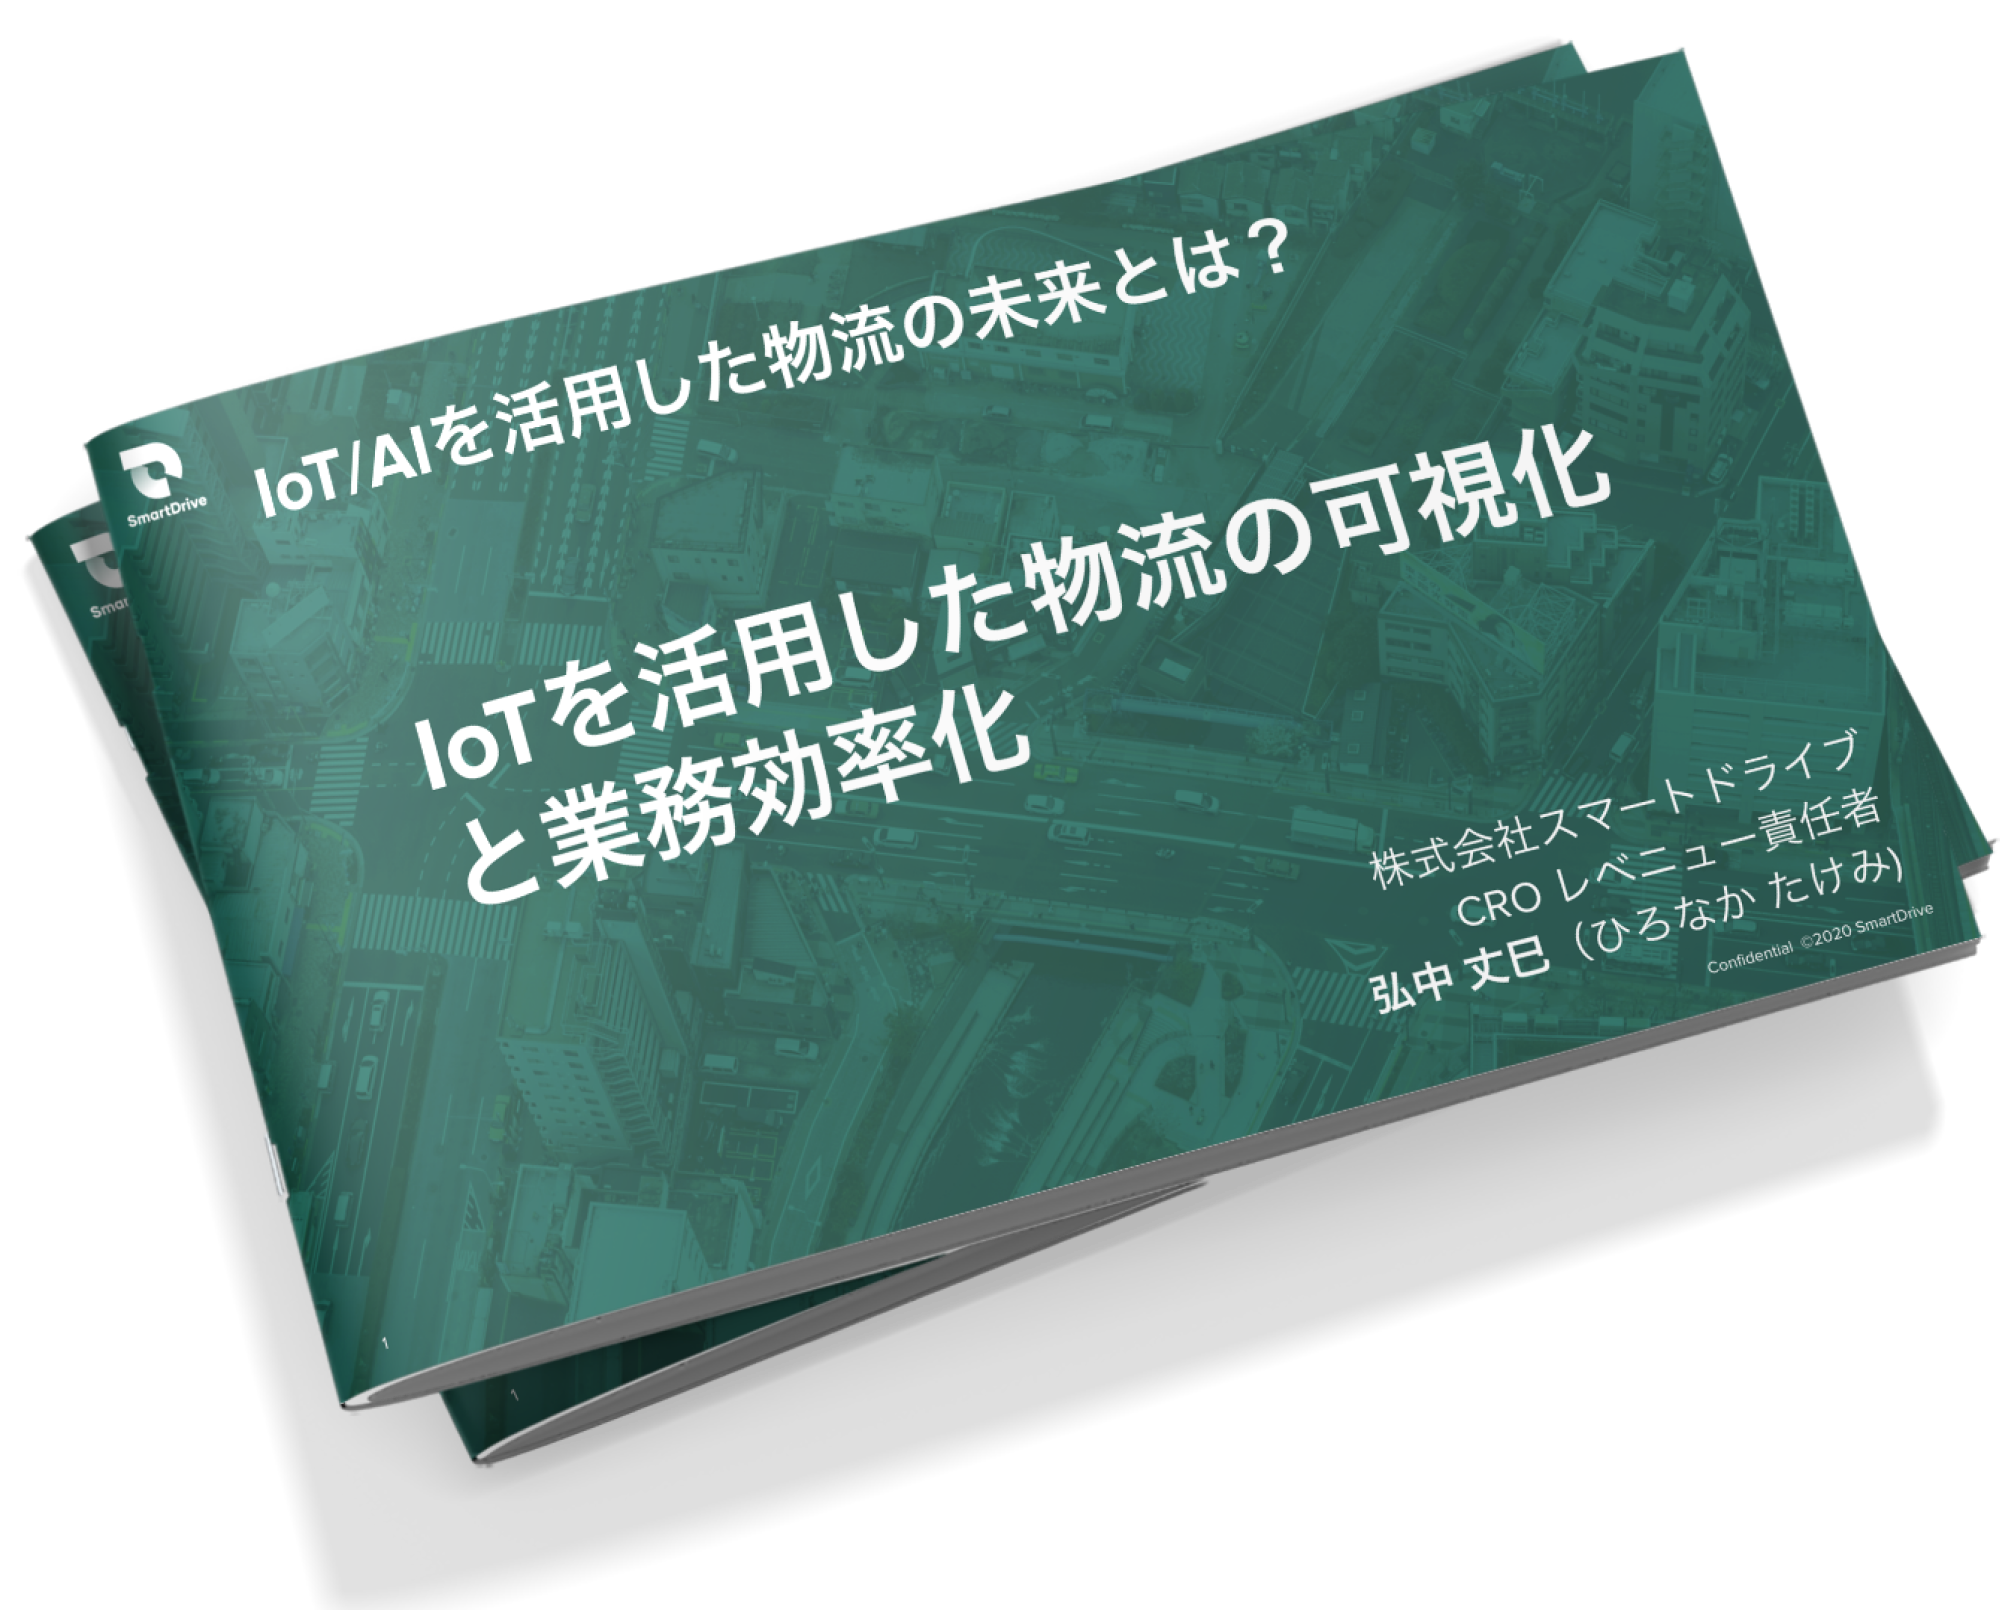 IoTを活用した物流の可視化 と業務効率化